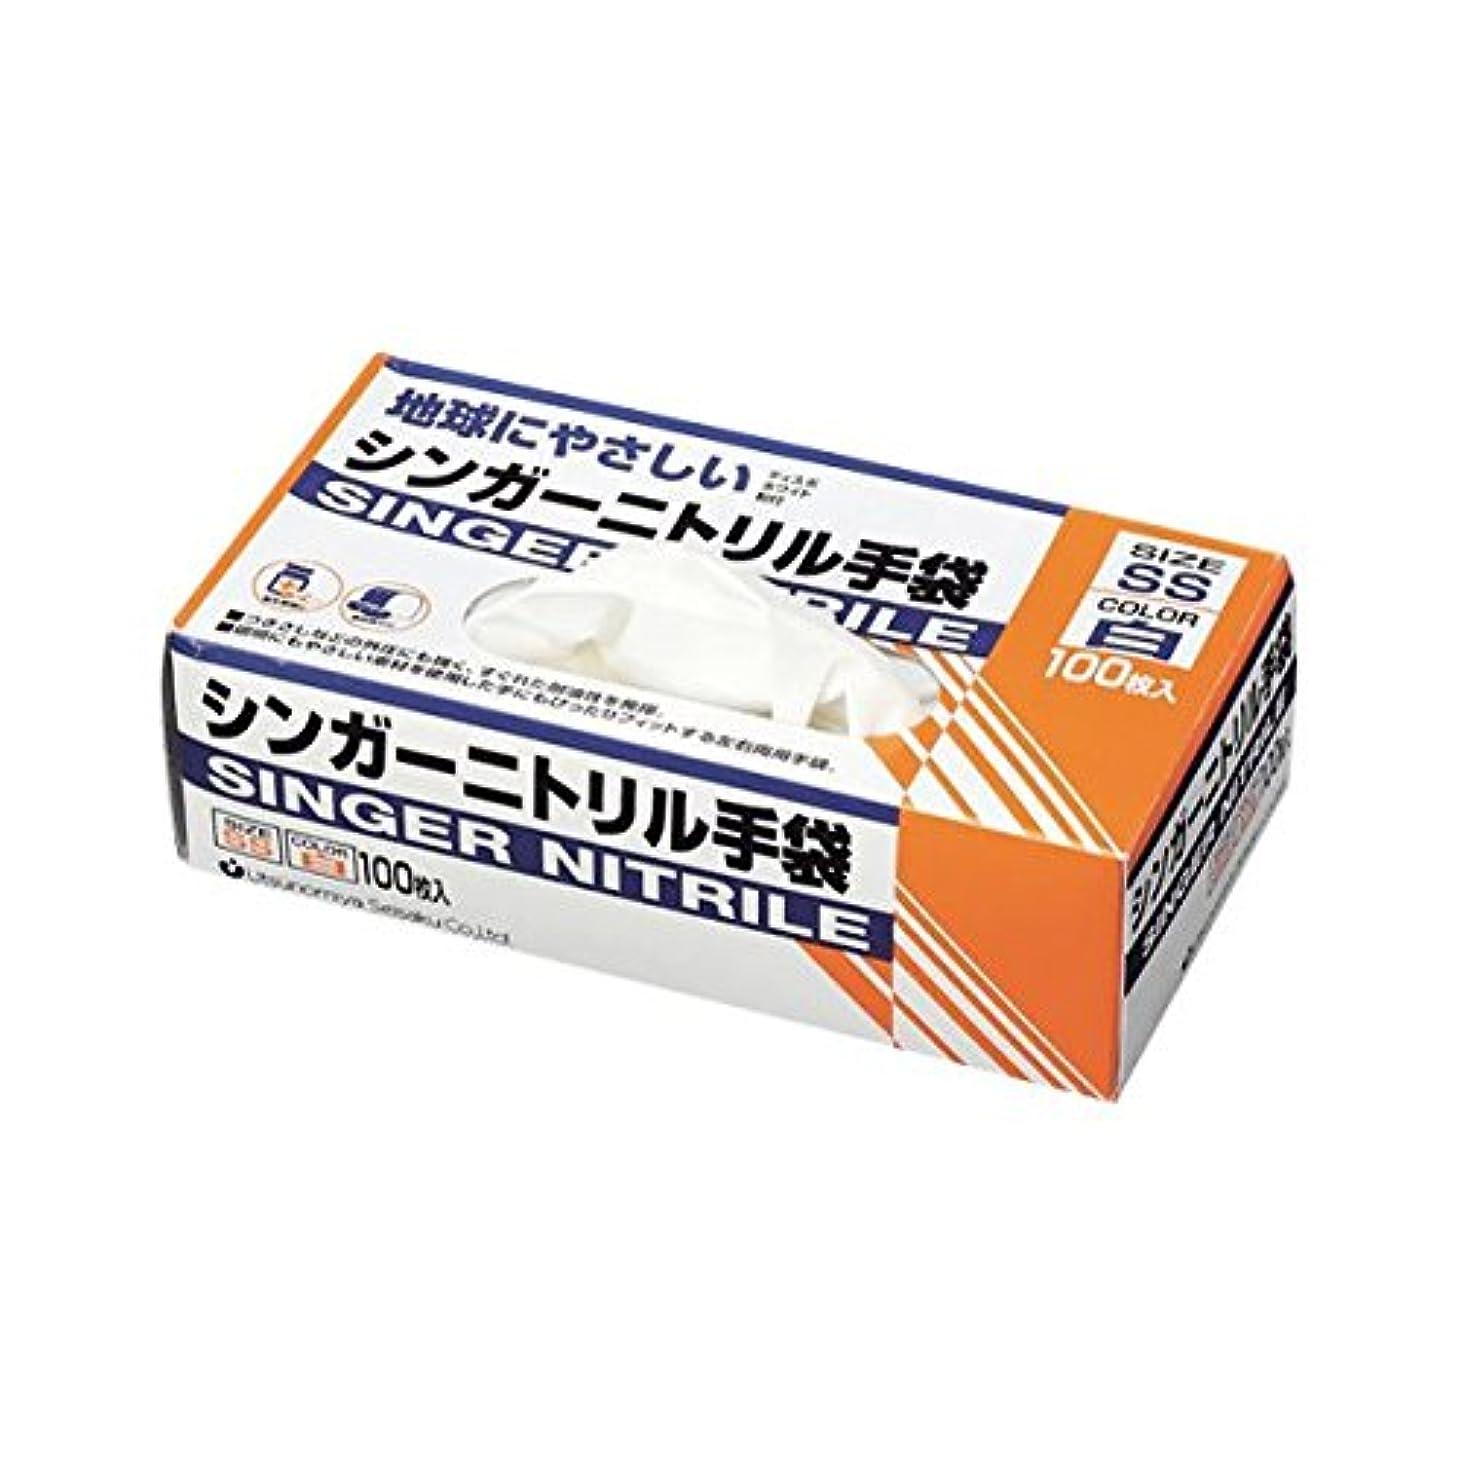 豊かにするジャグリング名前宇都宮製作 シンガーニトリルディスポNo.100粉付き シンガーニトリル100SS 白 100枚入 ×2セット